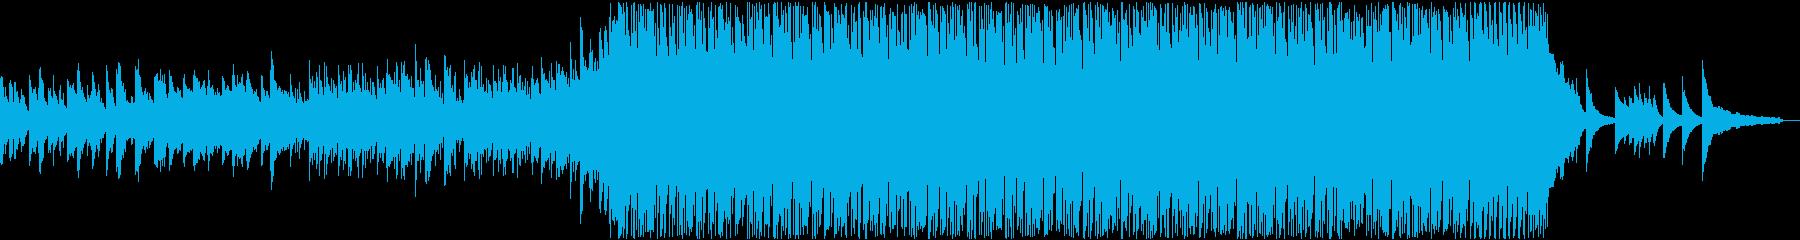 ピアノとストリングスの熱いドラムンベースの再生済みの波形